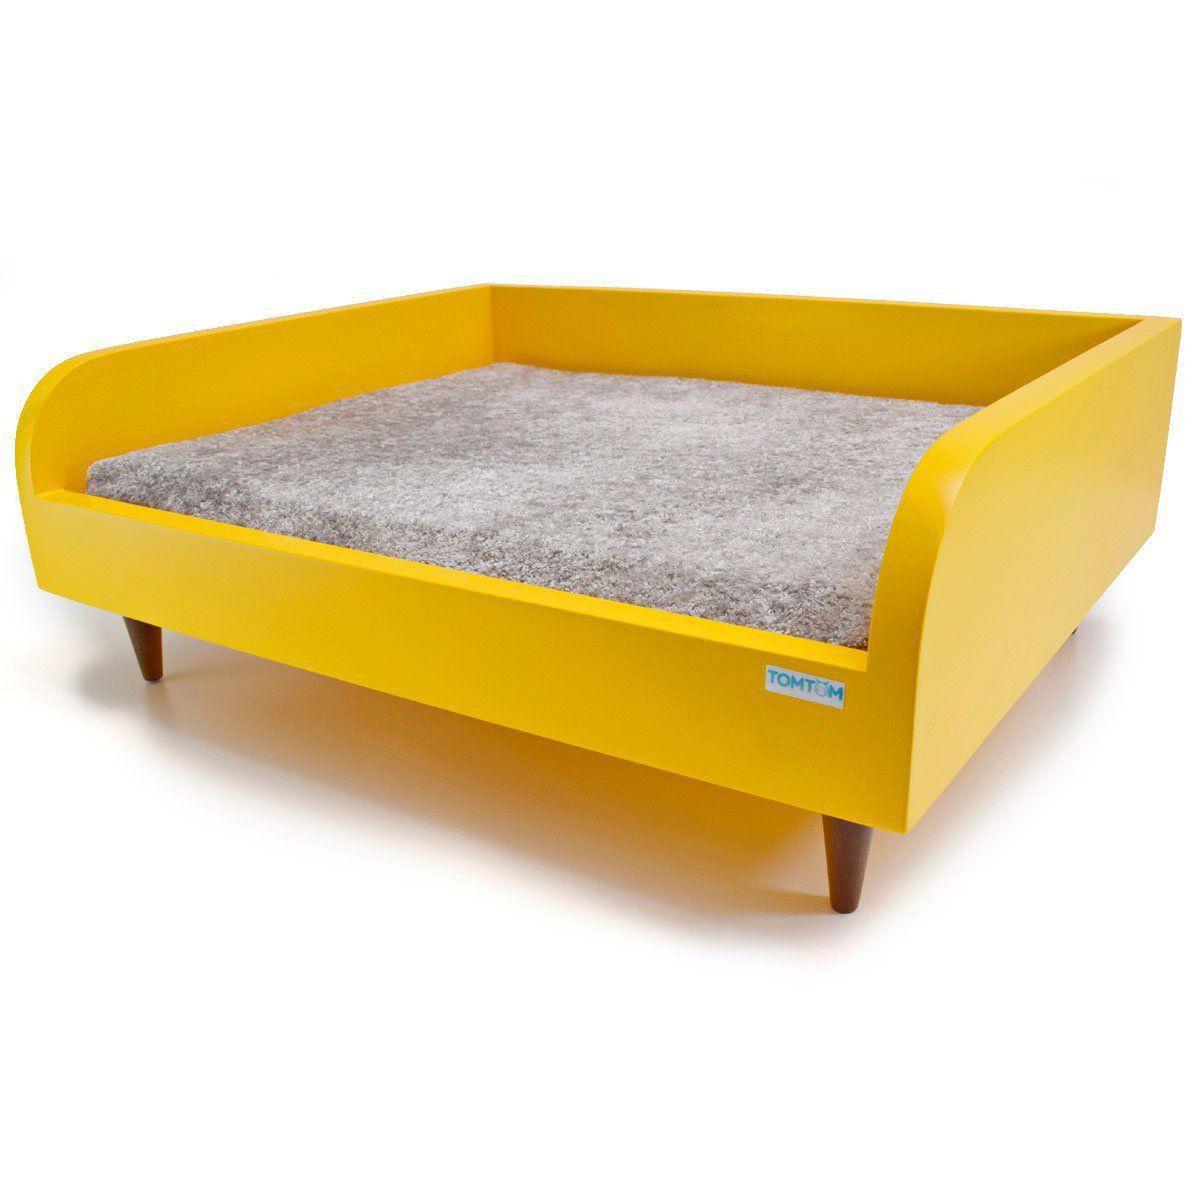 Sofá para Cachorro Tomtom Amarelo com Almofada Cinza - P